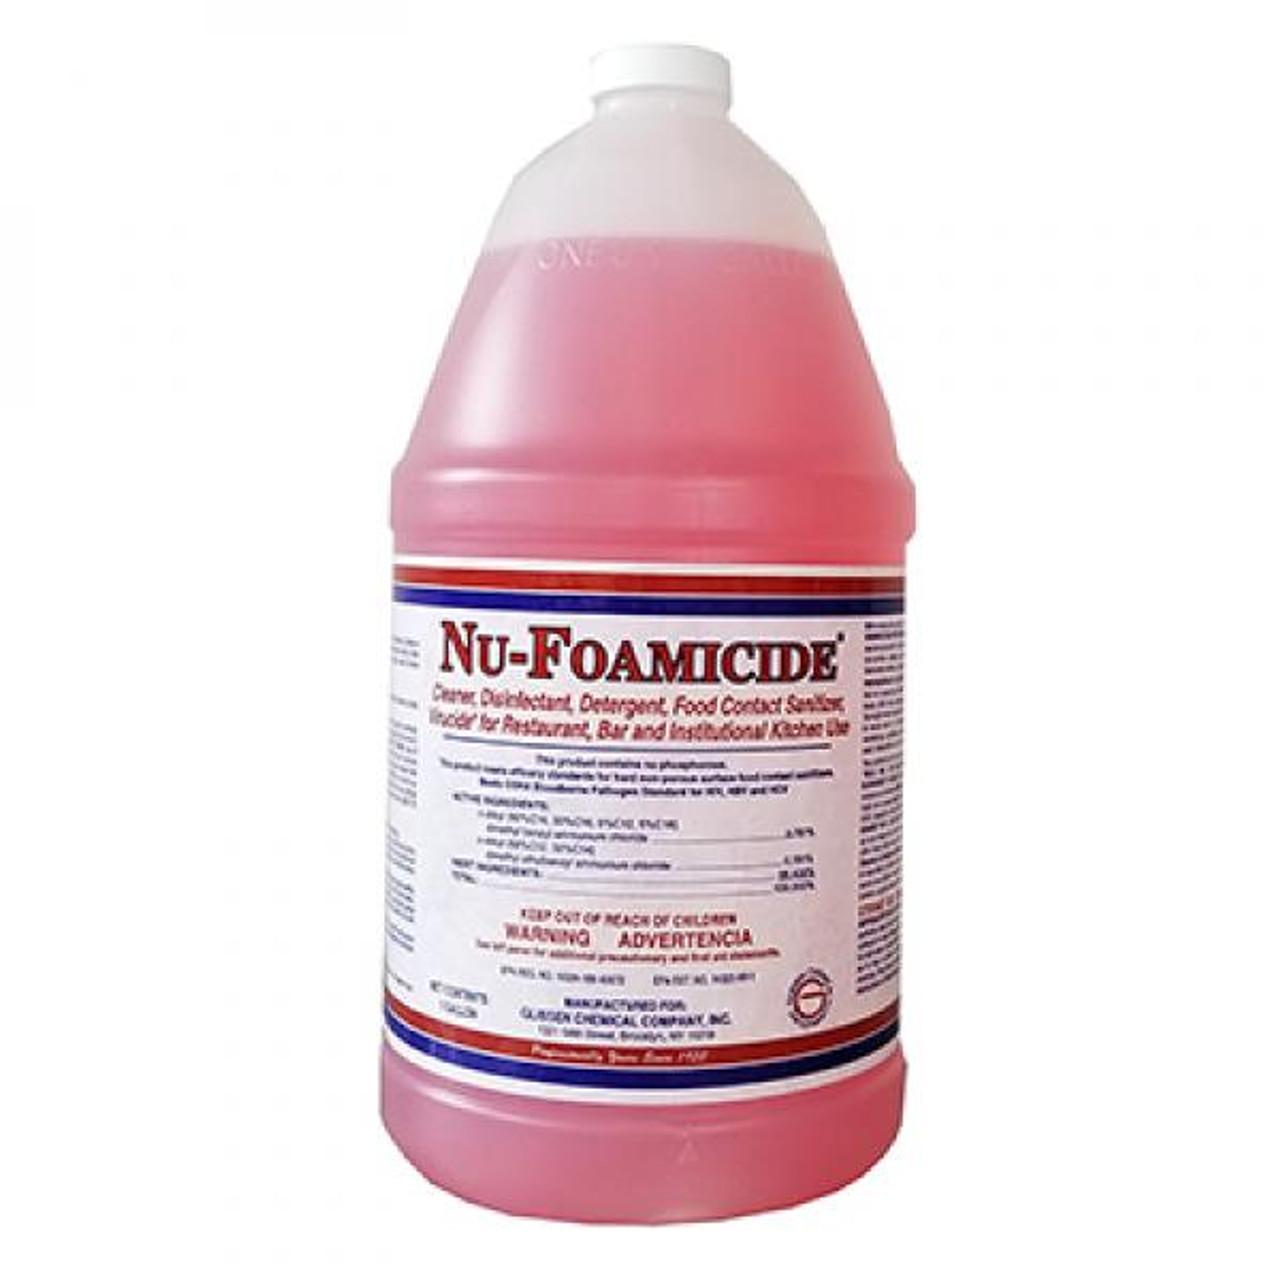 Tablecraft 300048 1 gal Glissen Chemical Nu-Foam All-Purpose Cleaner